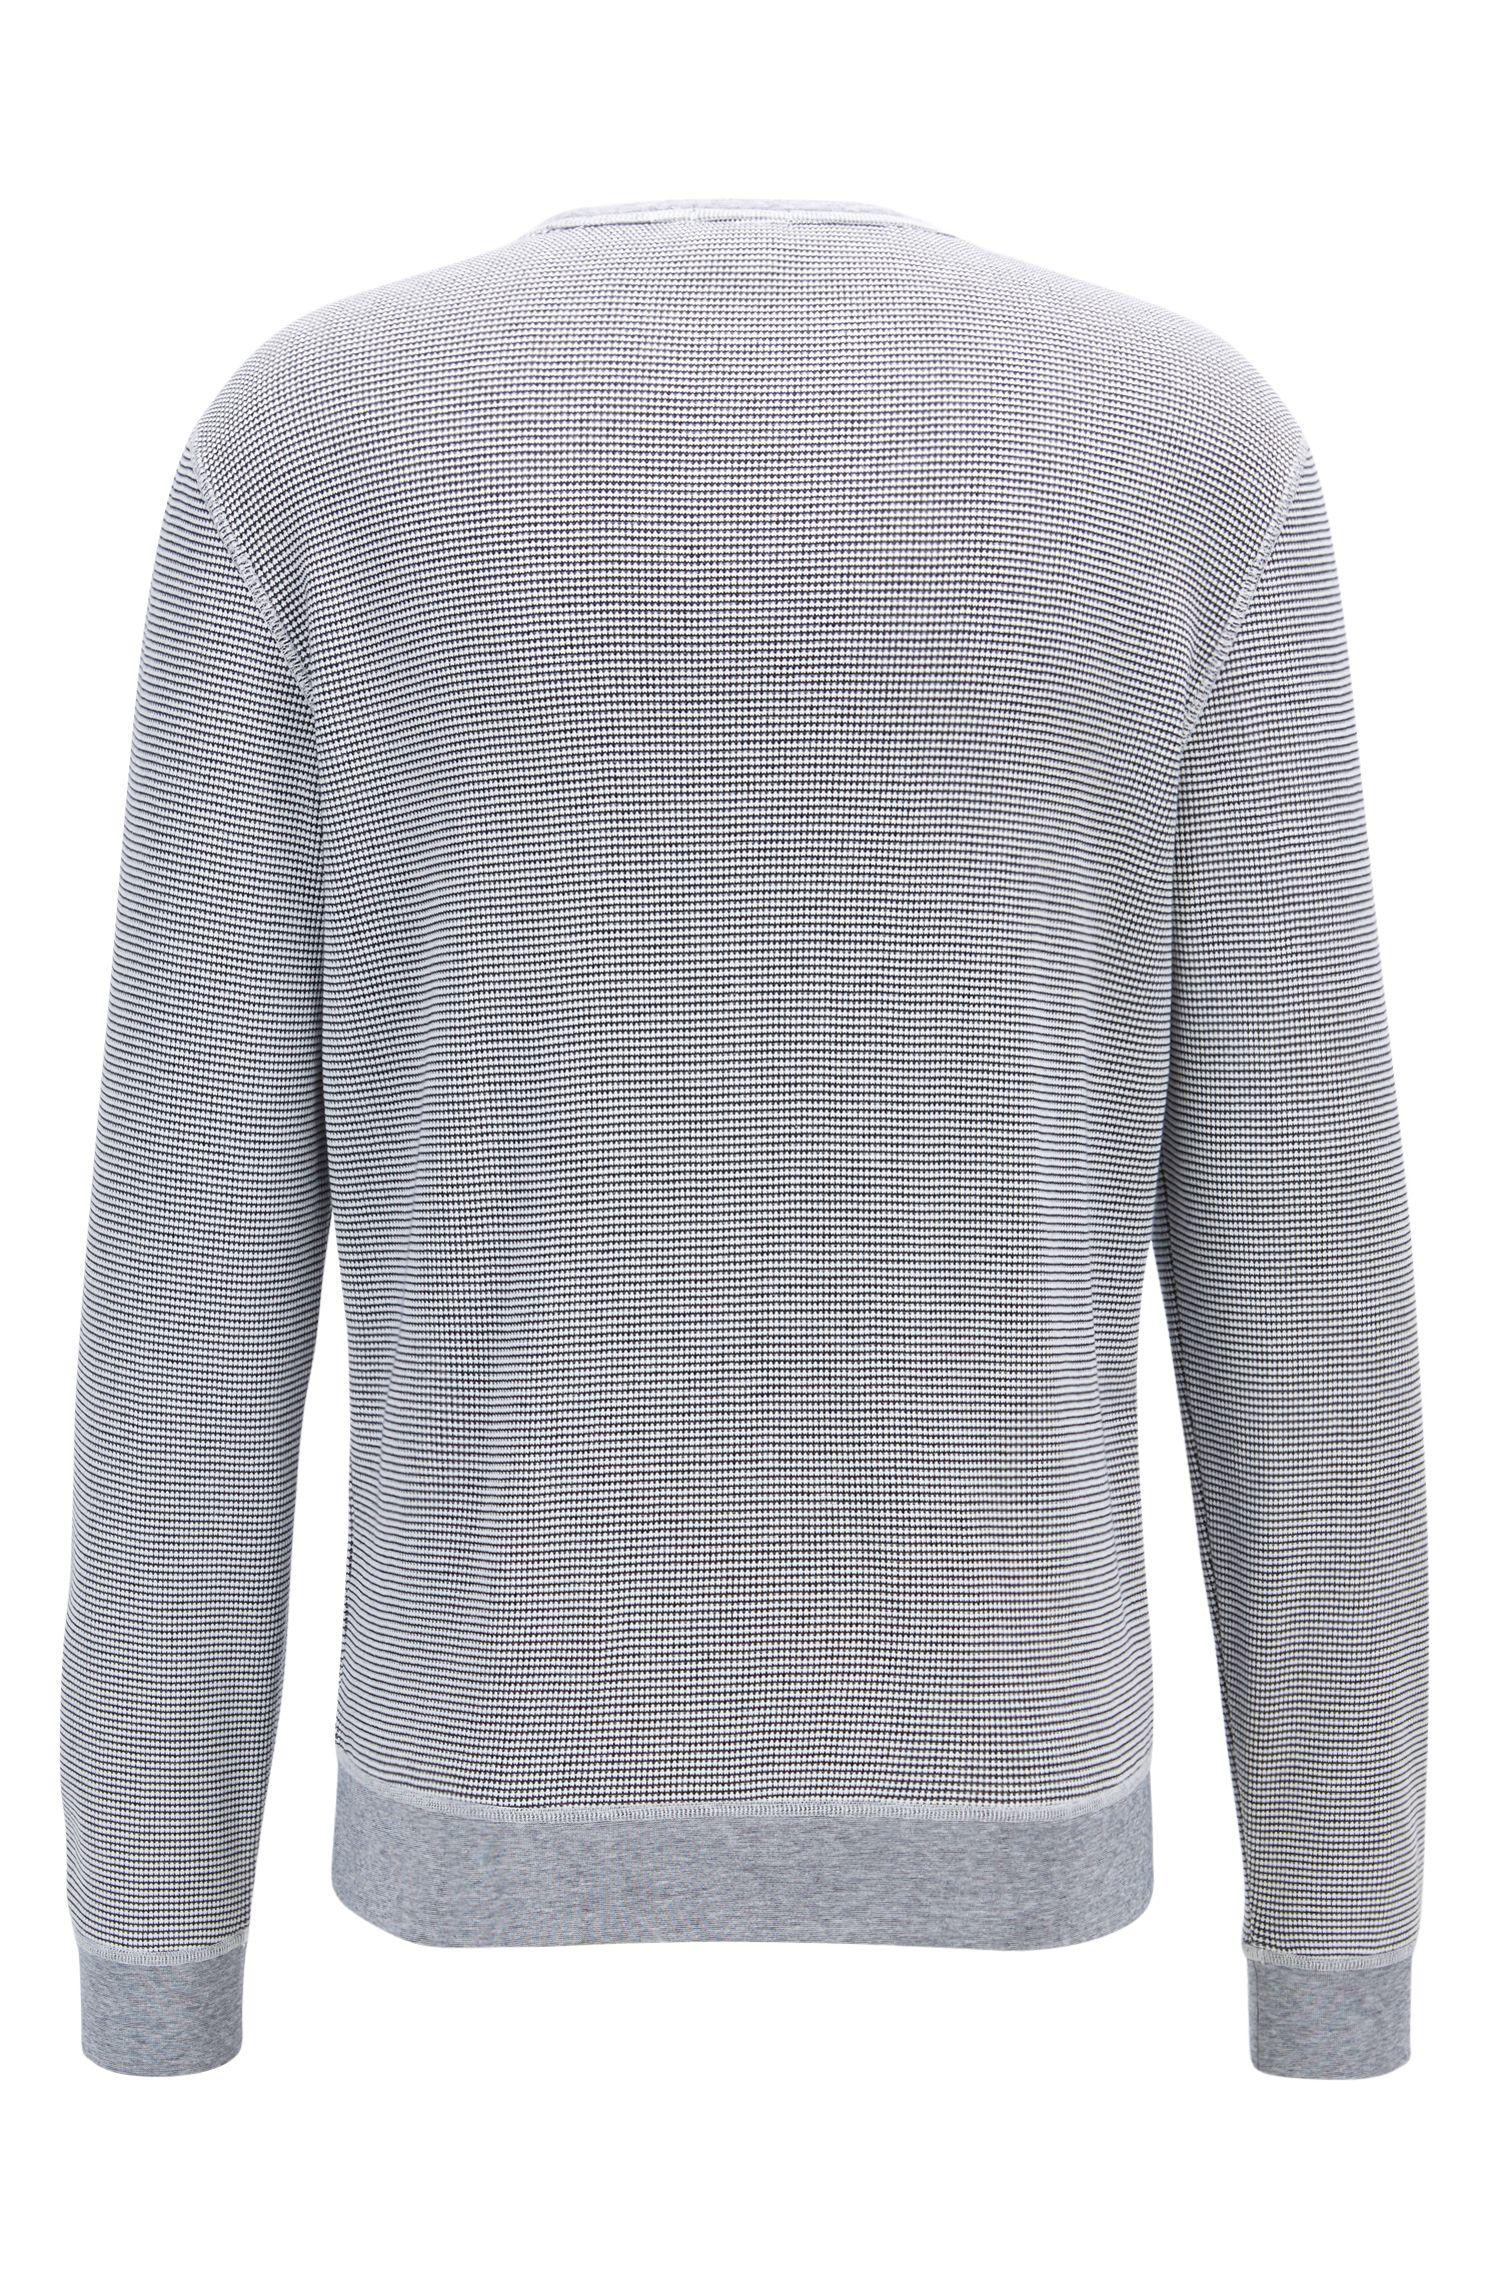 Cotton Knit Sweatshirt | Skubic, Dark Blue